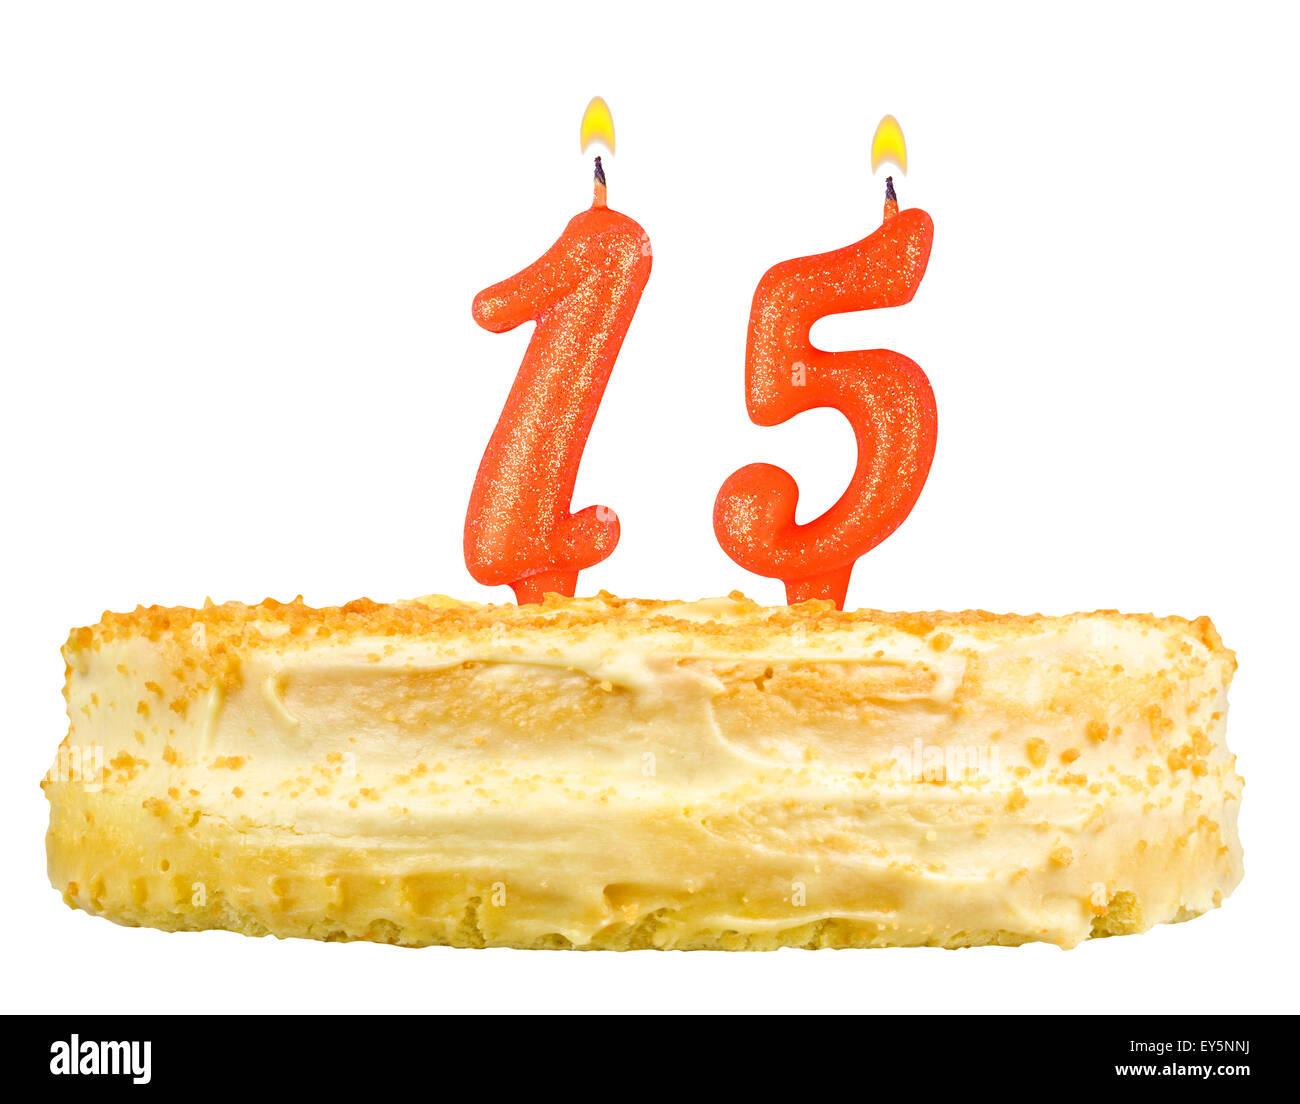 Geburtstagstorte Mit Kerzen Nummer Funfzehn Isoliert Auf Weissem Hintergrund Stockbild